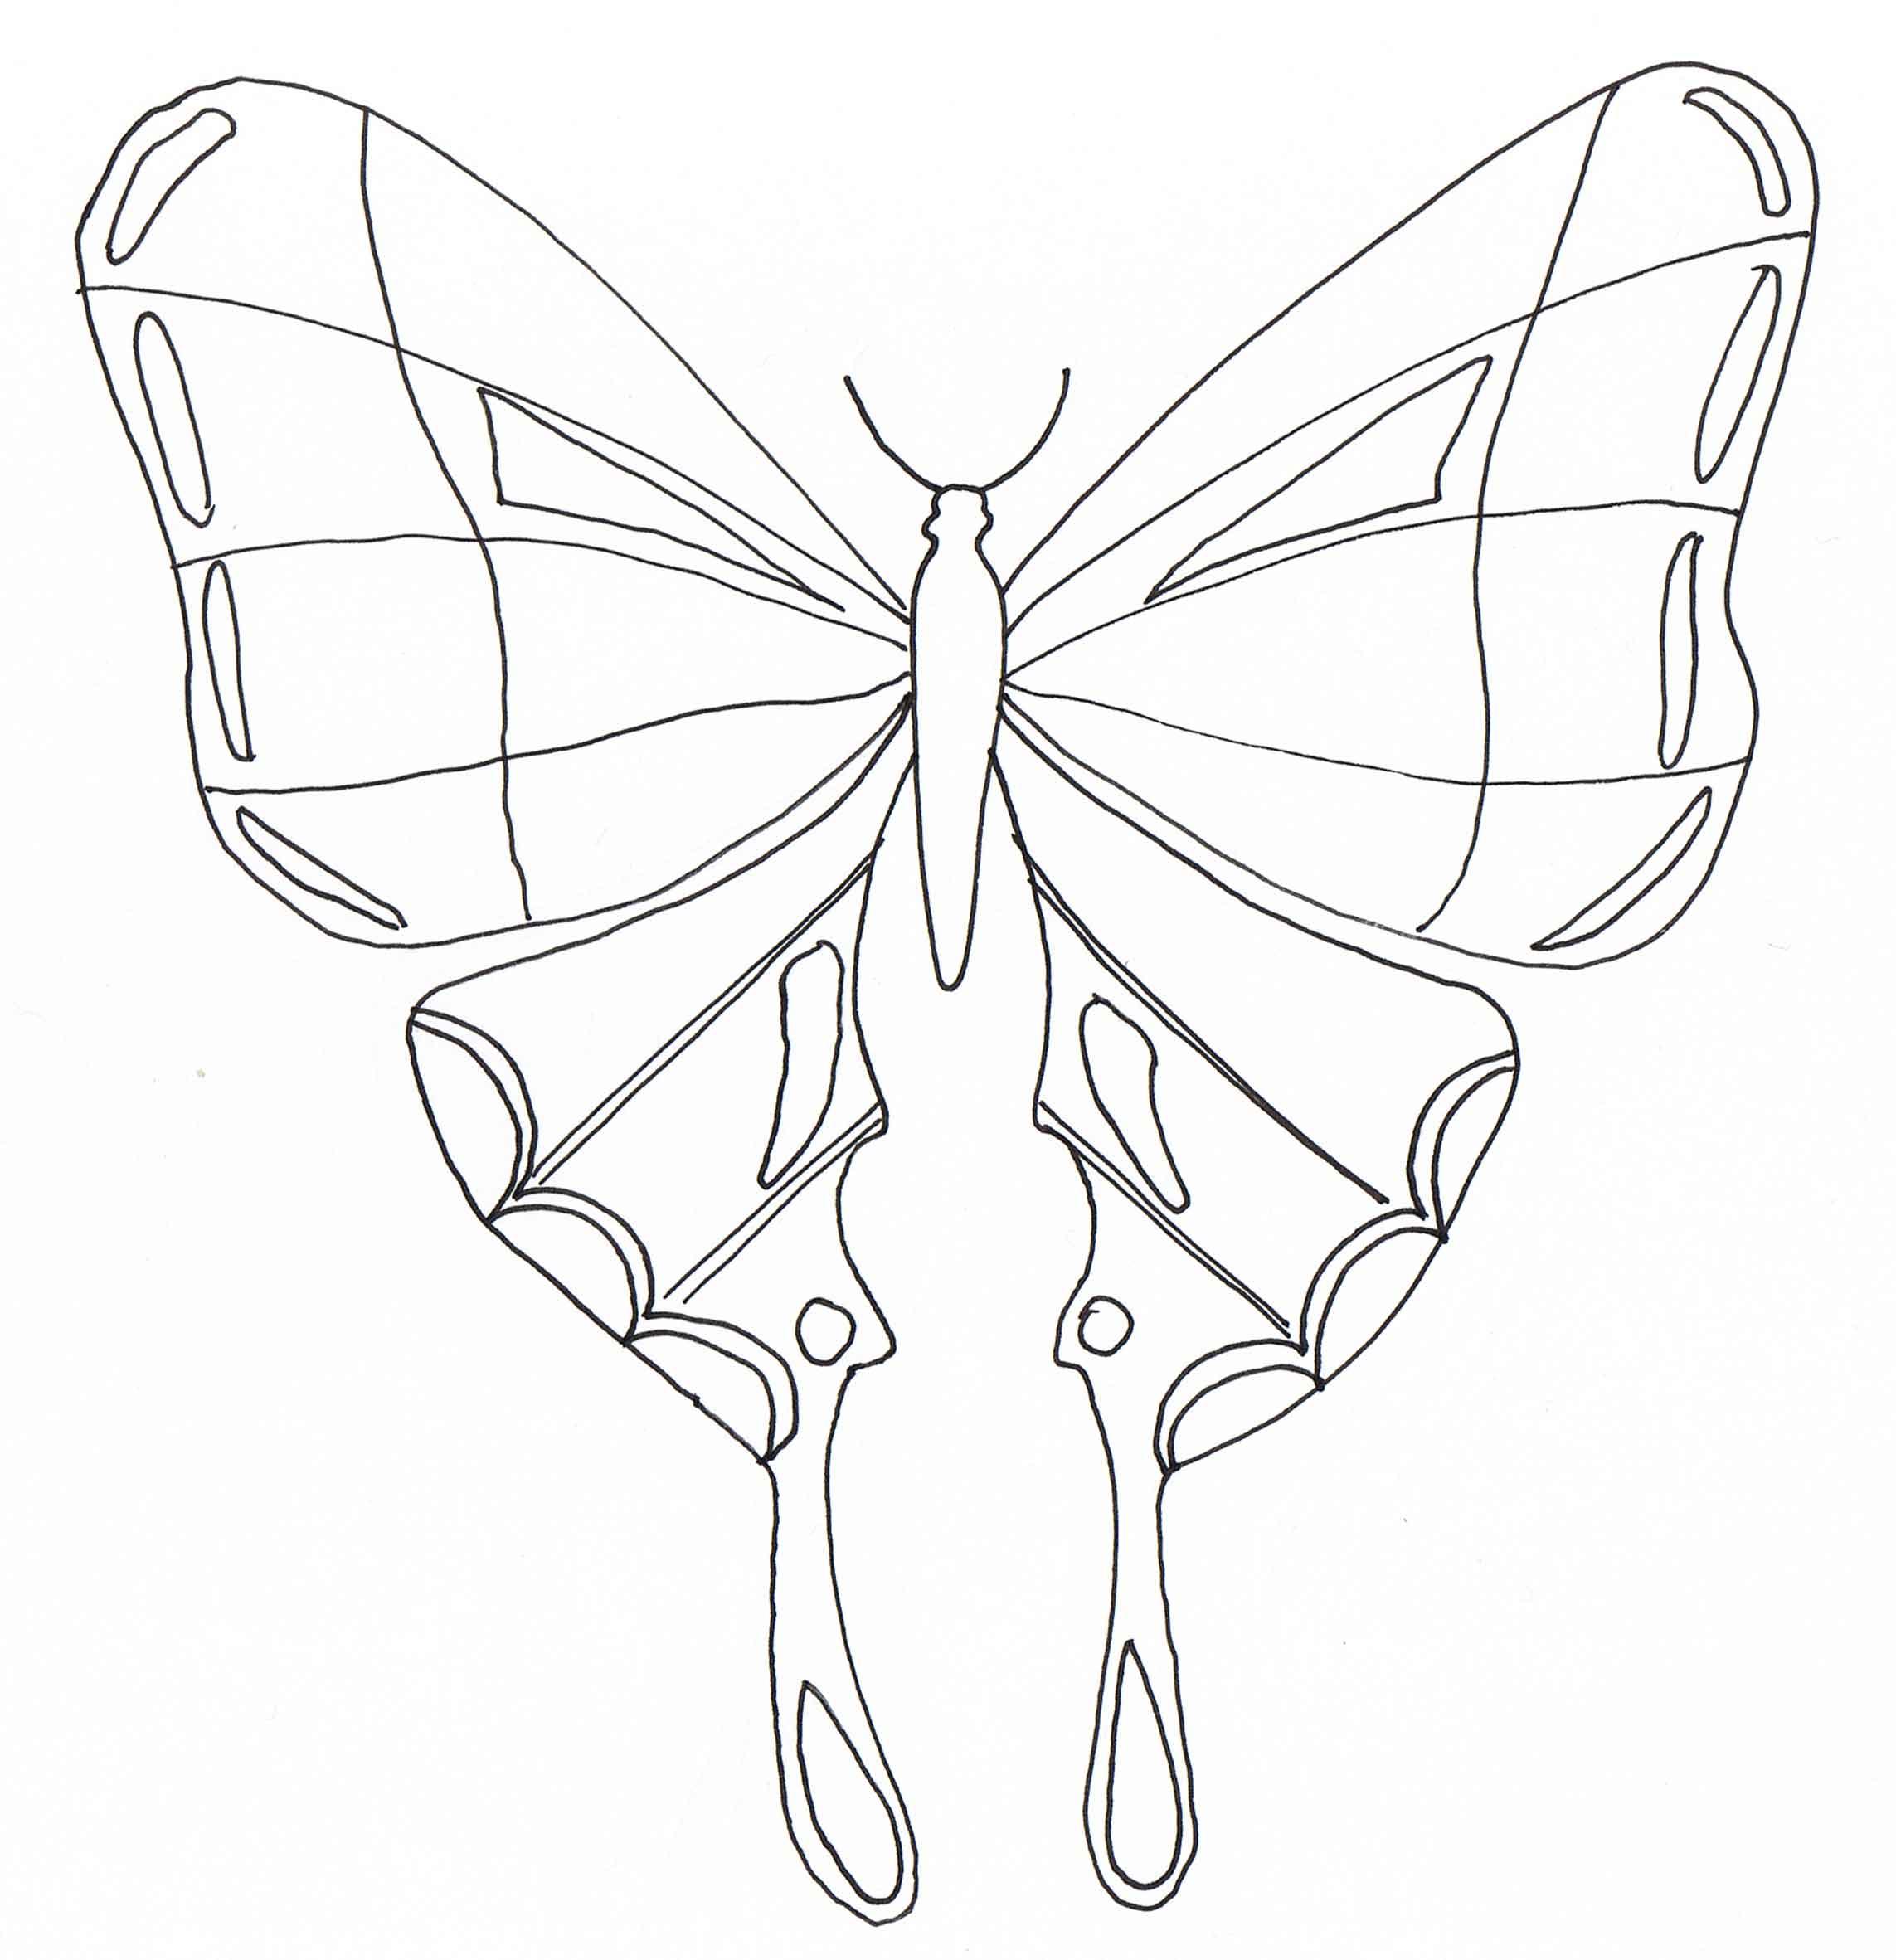 Insectos 51168 - Insectos - Colorear para Adultos